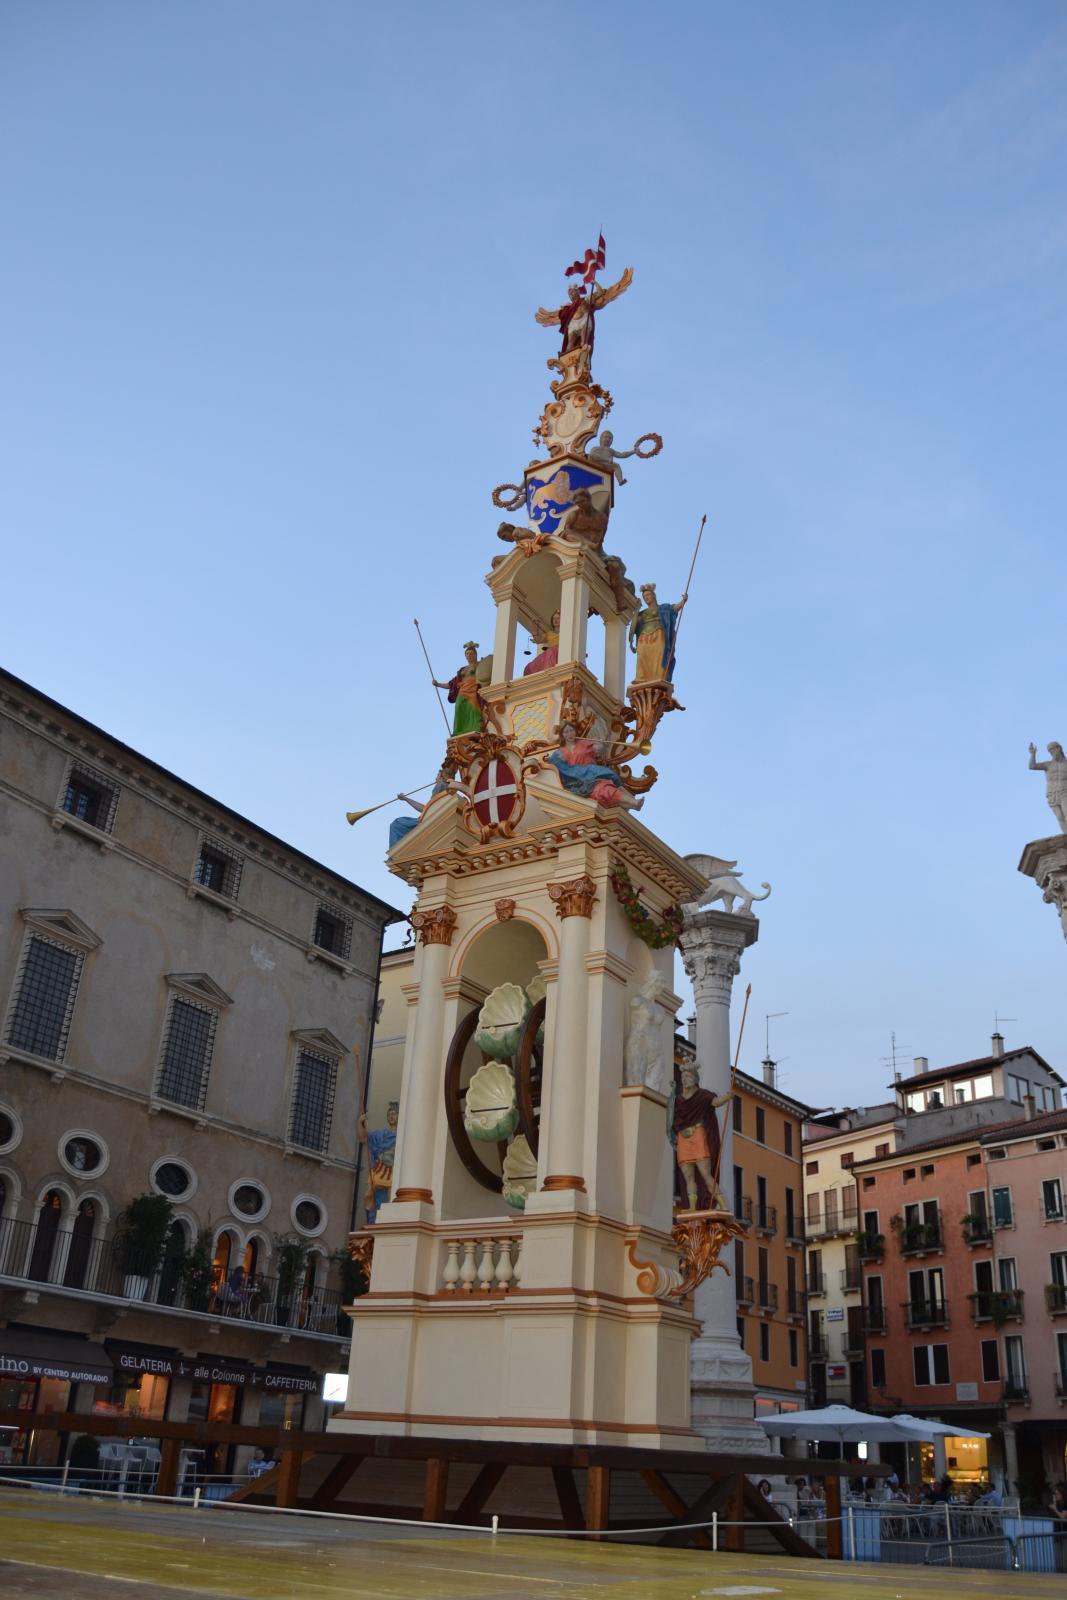 The Rua in Piazza dei Signori